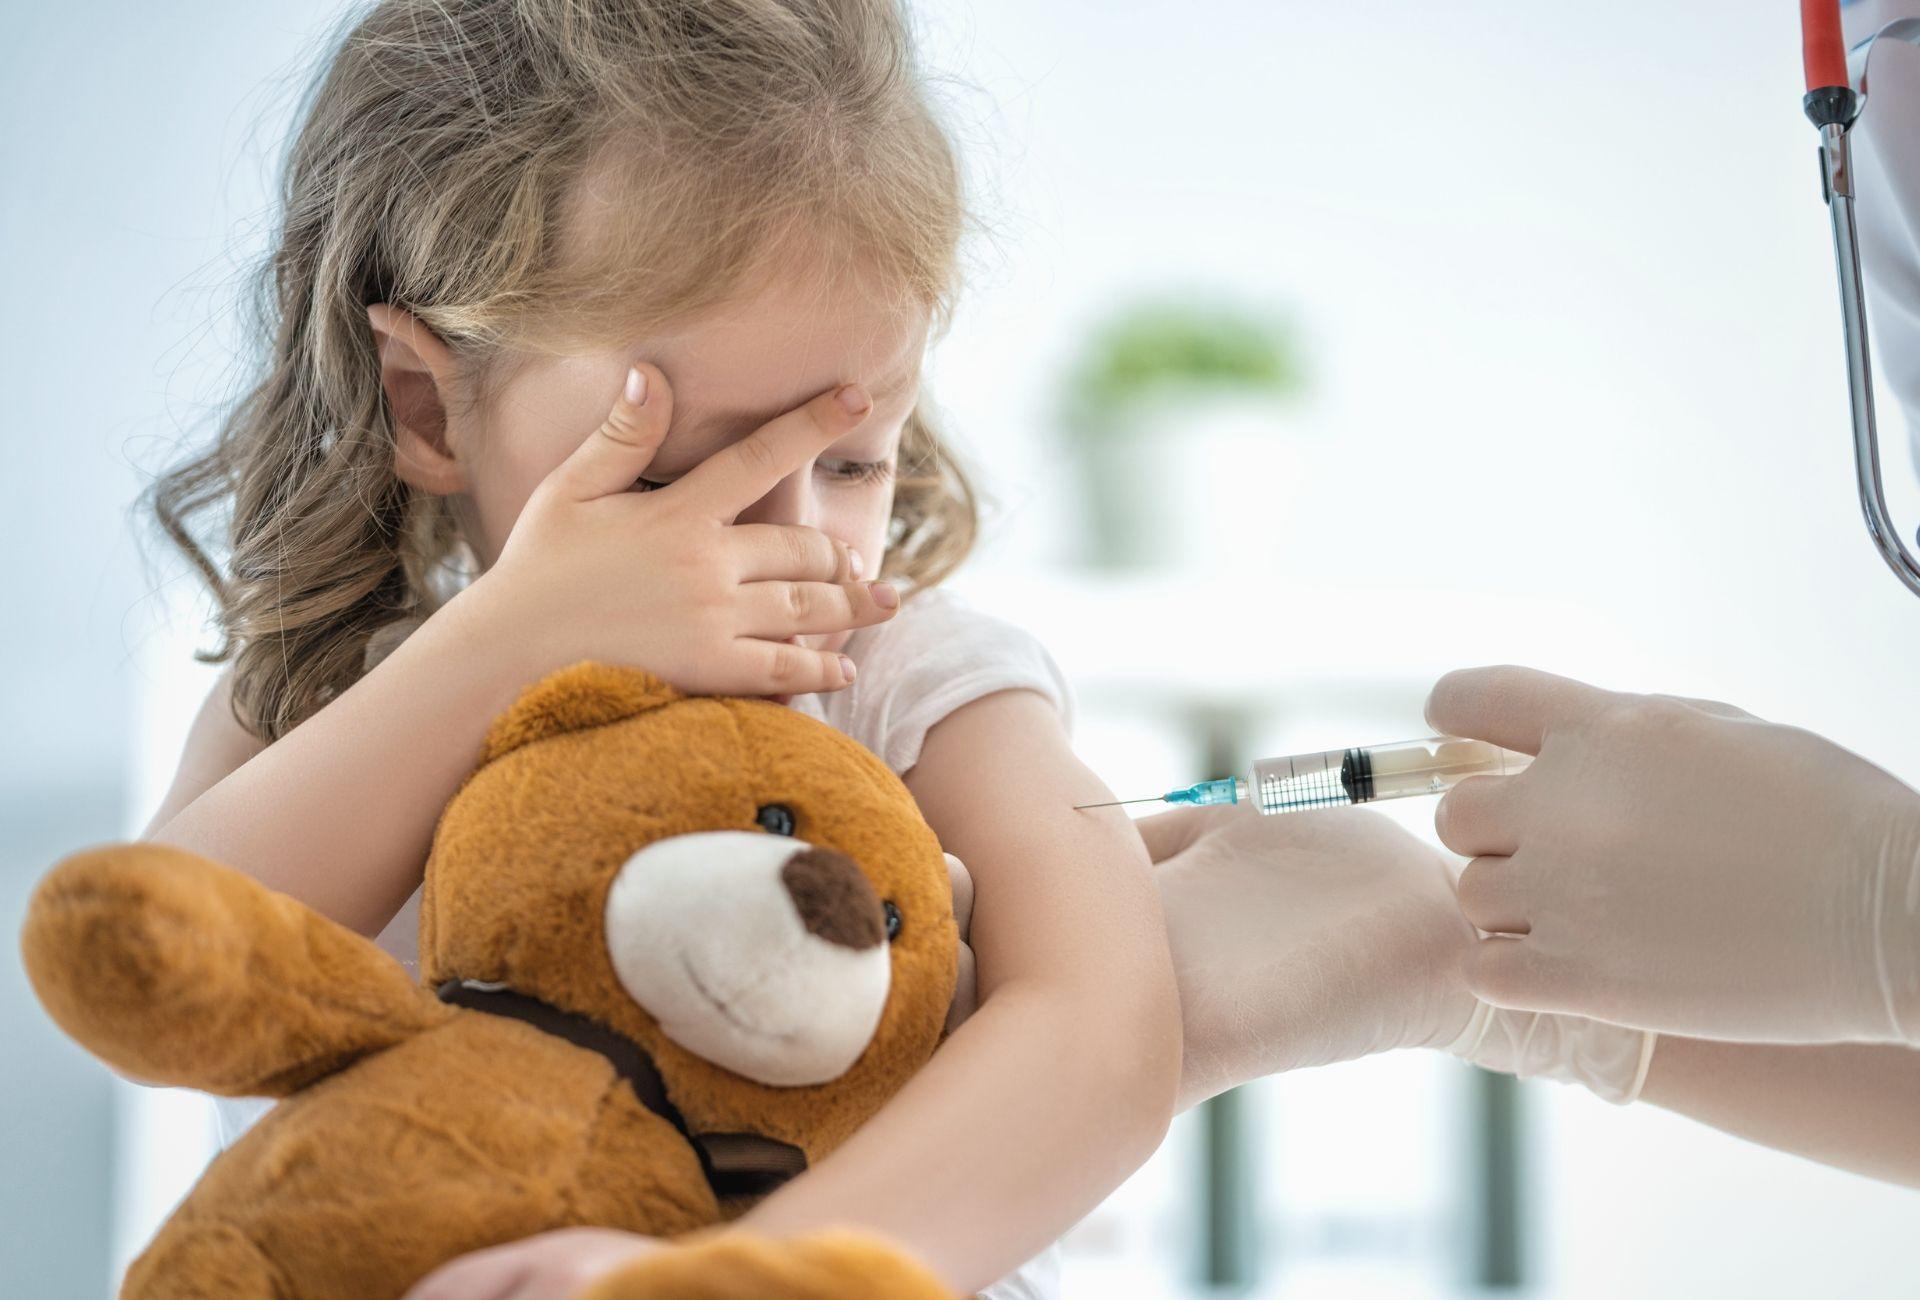 Criança segurança ursinho de pelúcia e tomando uma injeção